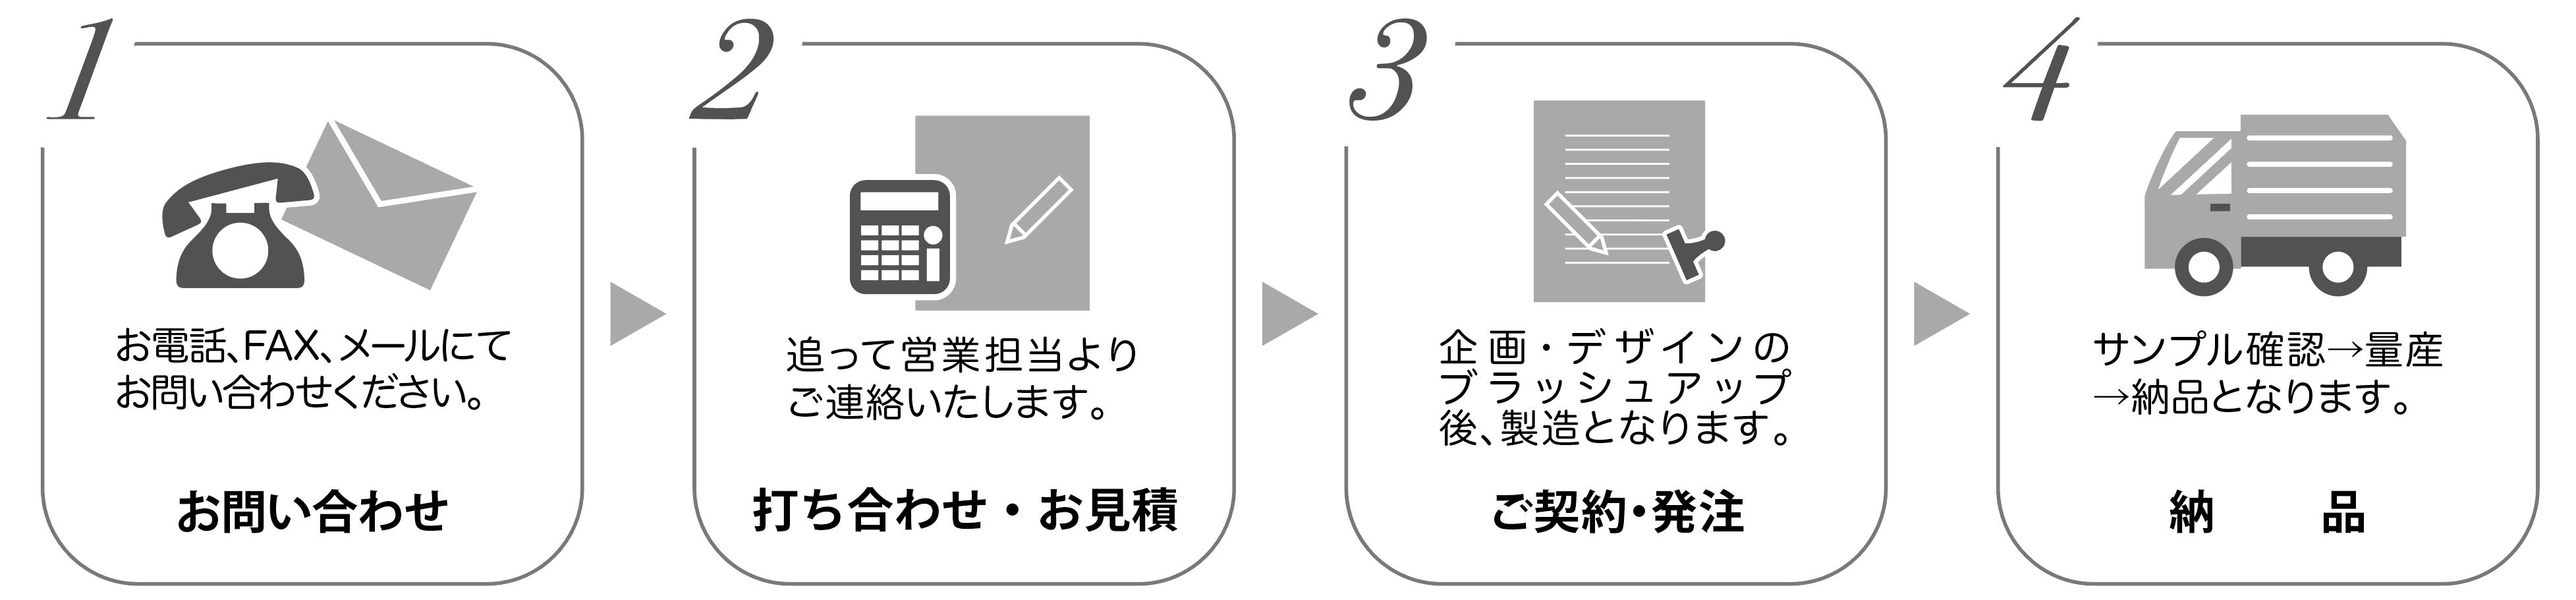 琉球ワークスのノベルティグッズ企画 オリジナルグッズの制作 商品できるまでの流れ